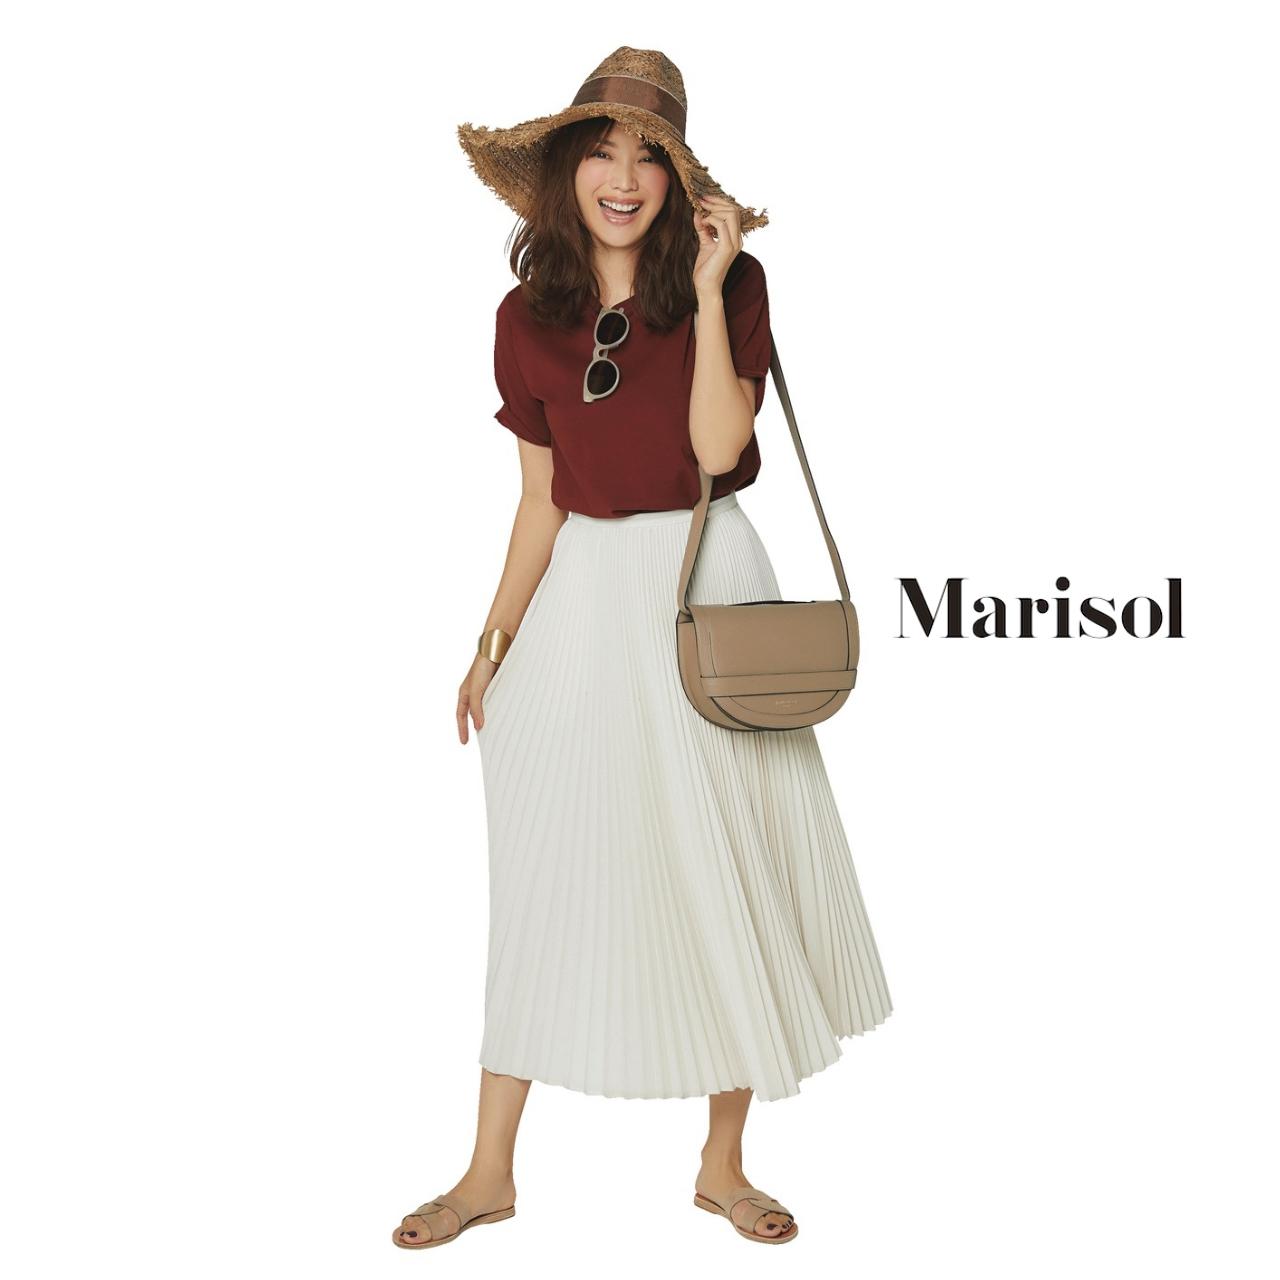 40代ファッション ブラウンTシャツ×白プリーツスカートコーデ